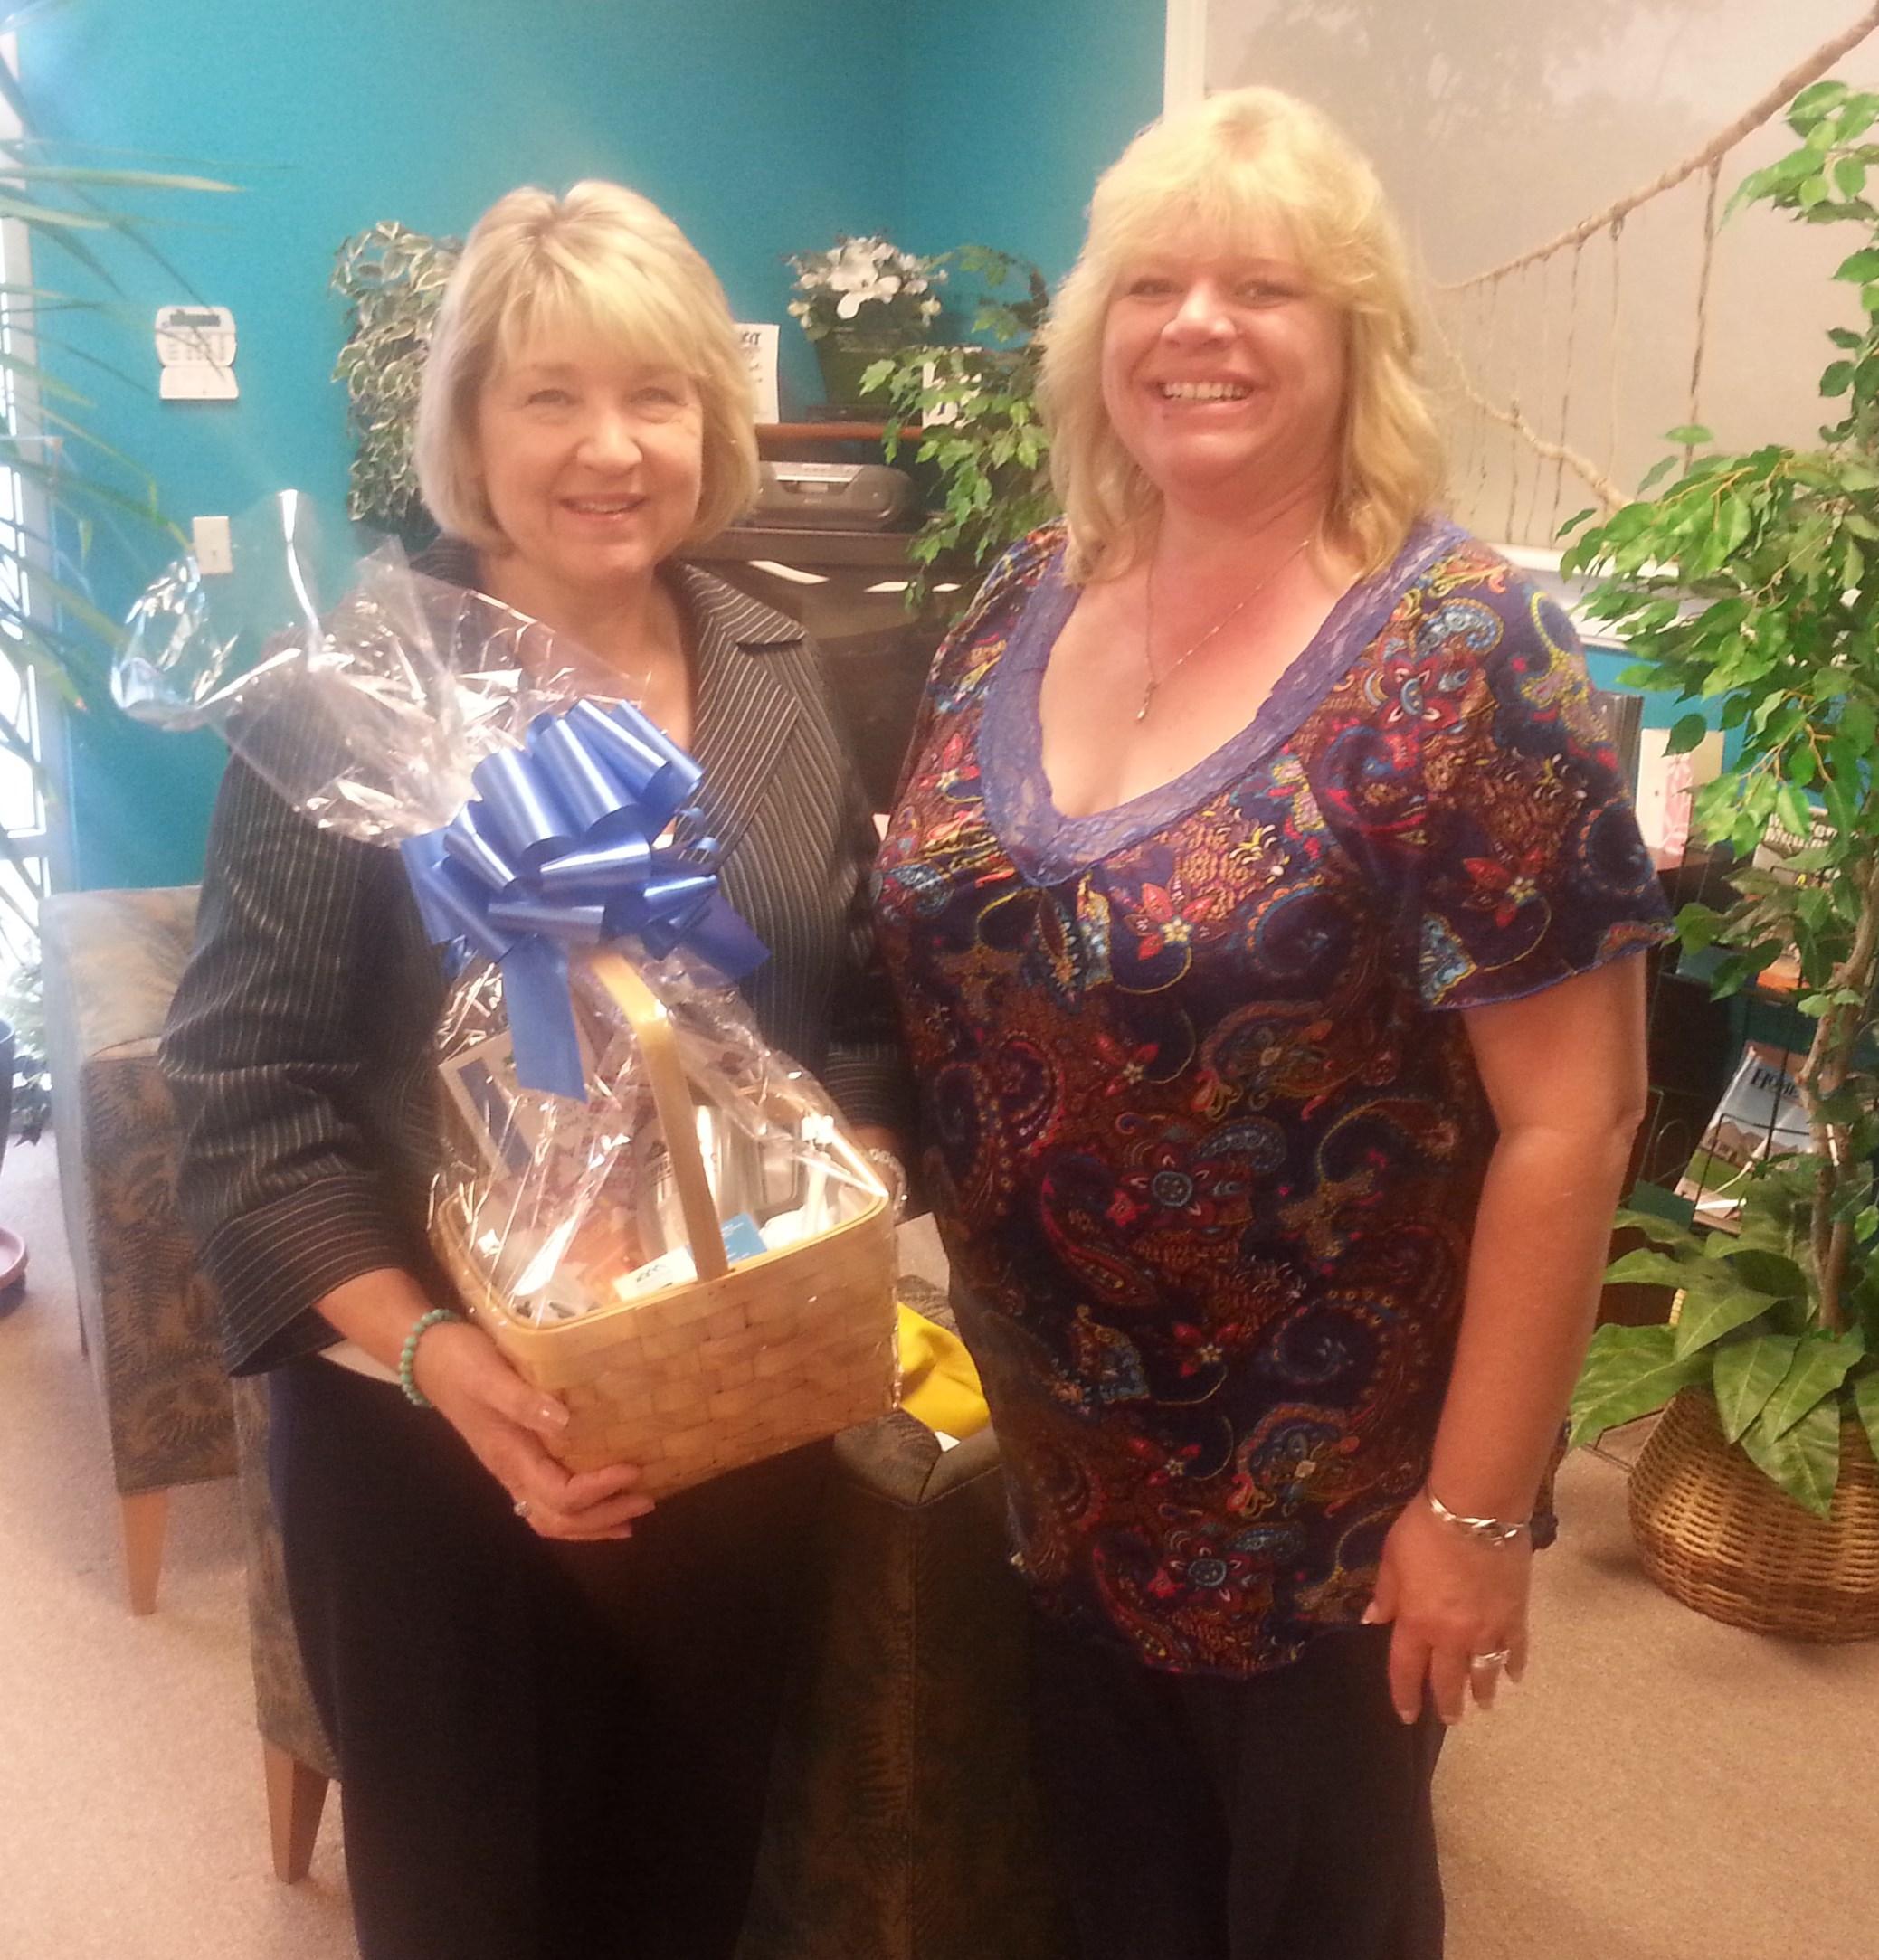 Winner of Basket of Goodies Walk MS Medford Lakes 2014